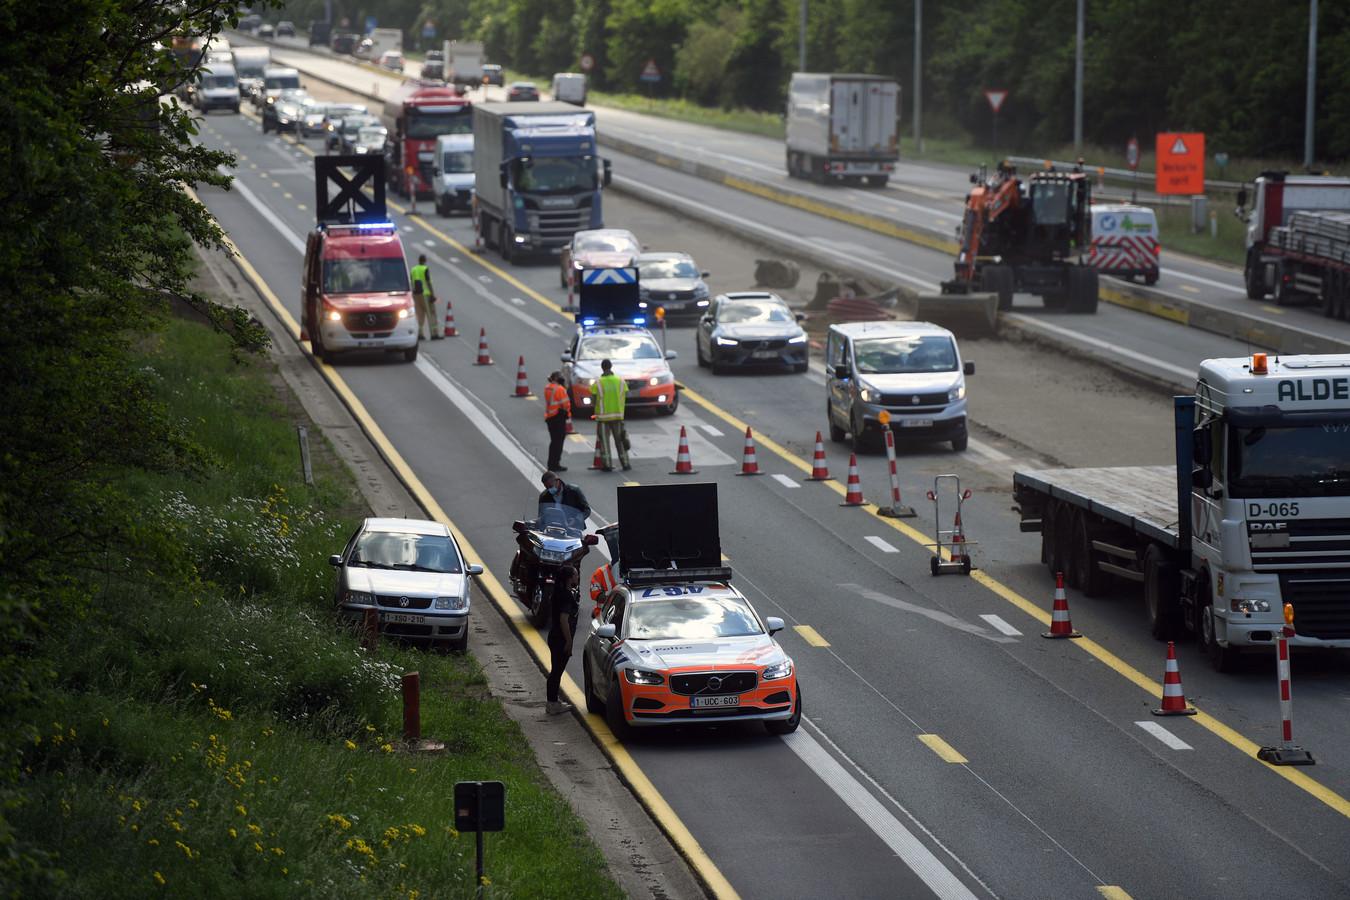 Het ongeval gebeurde ter hoogte van de afrit Holsbeek op de E314.